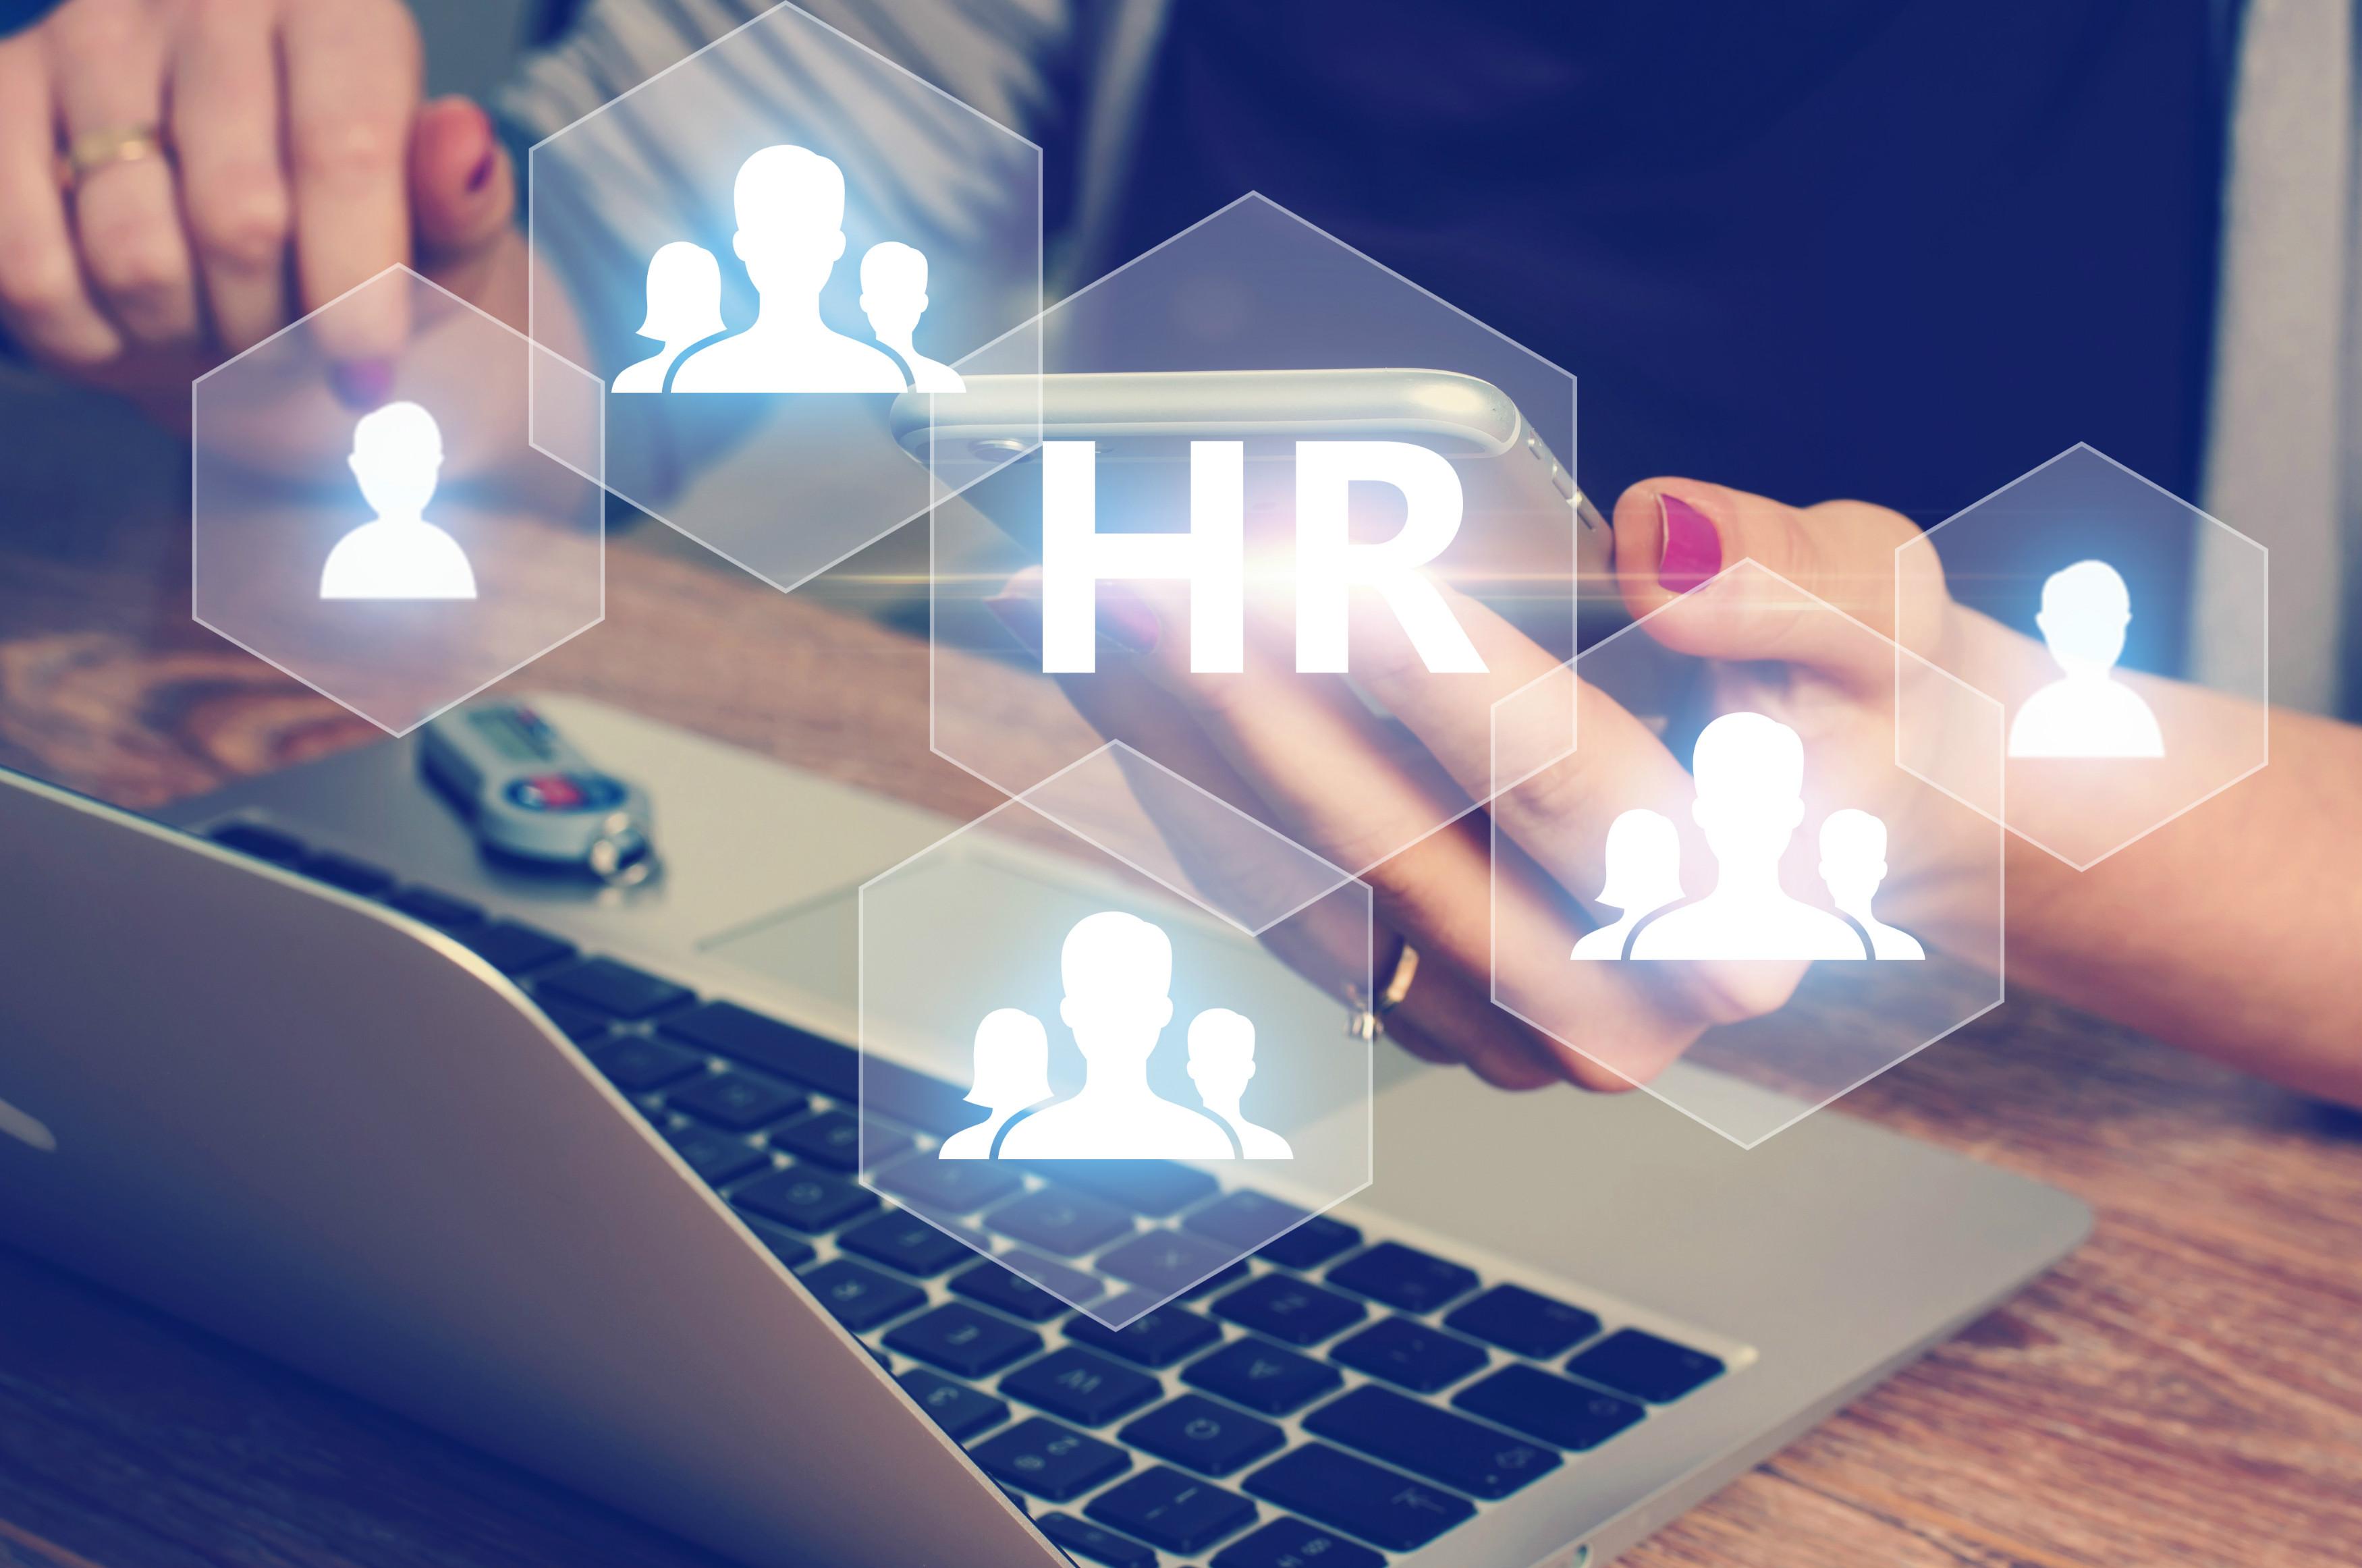 围绕发薪构筑HR生态,薪资通要做国内人企金融服务第一品牌 | 爱分析访谈